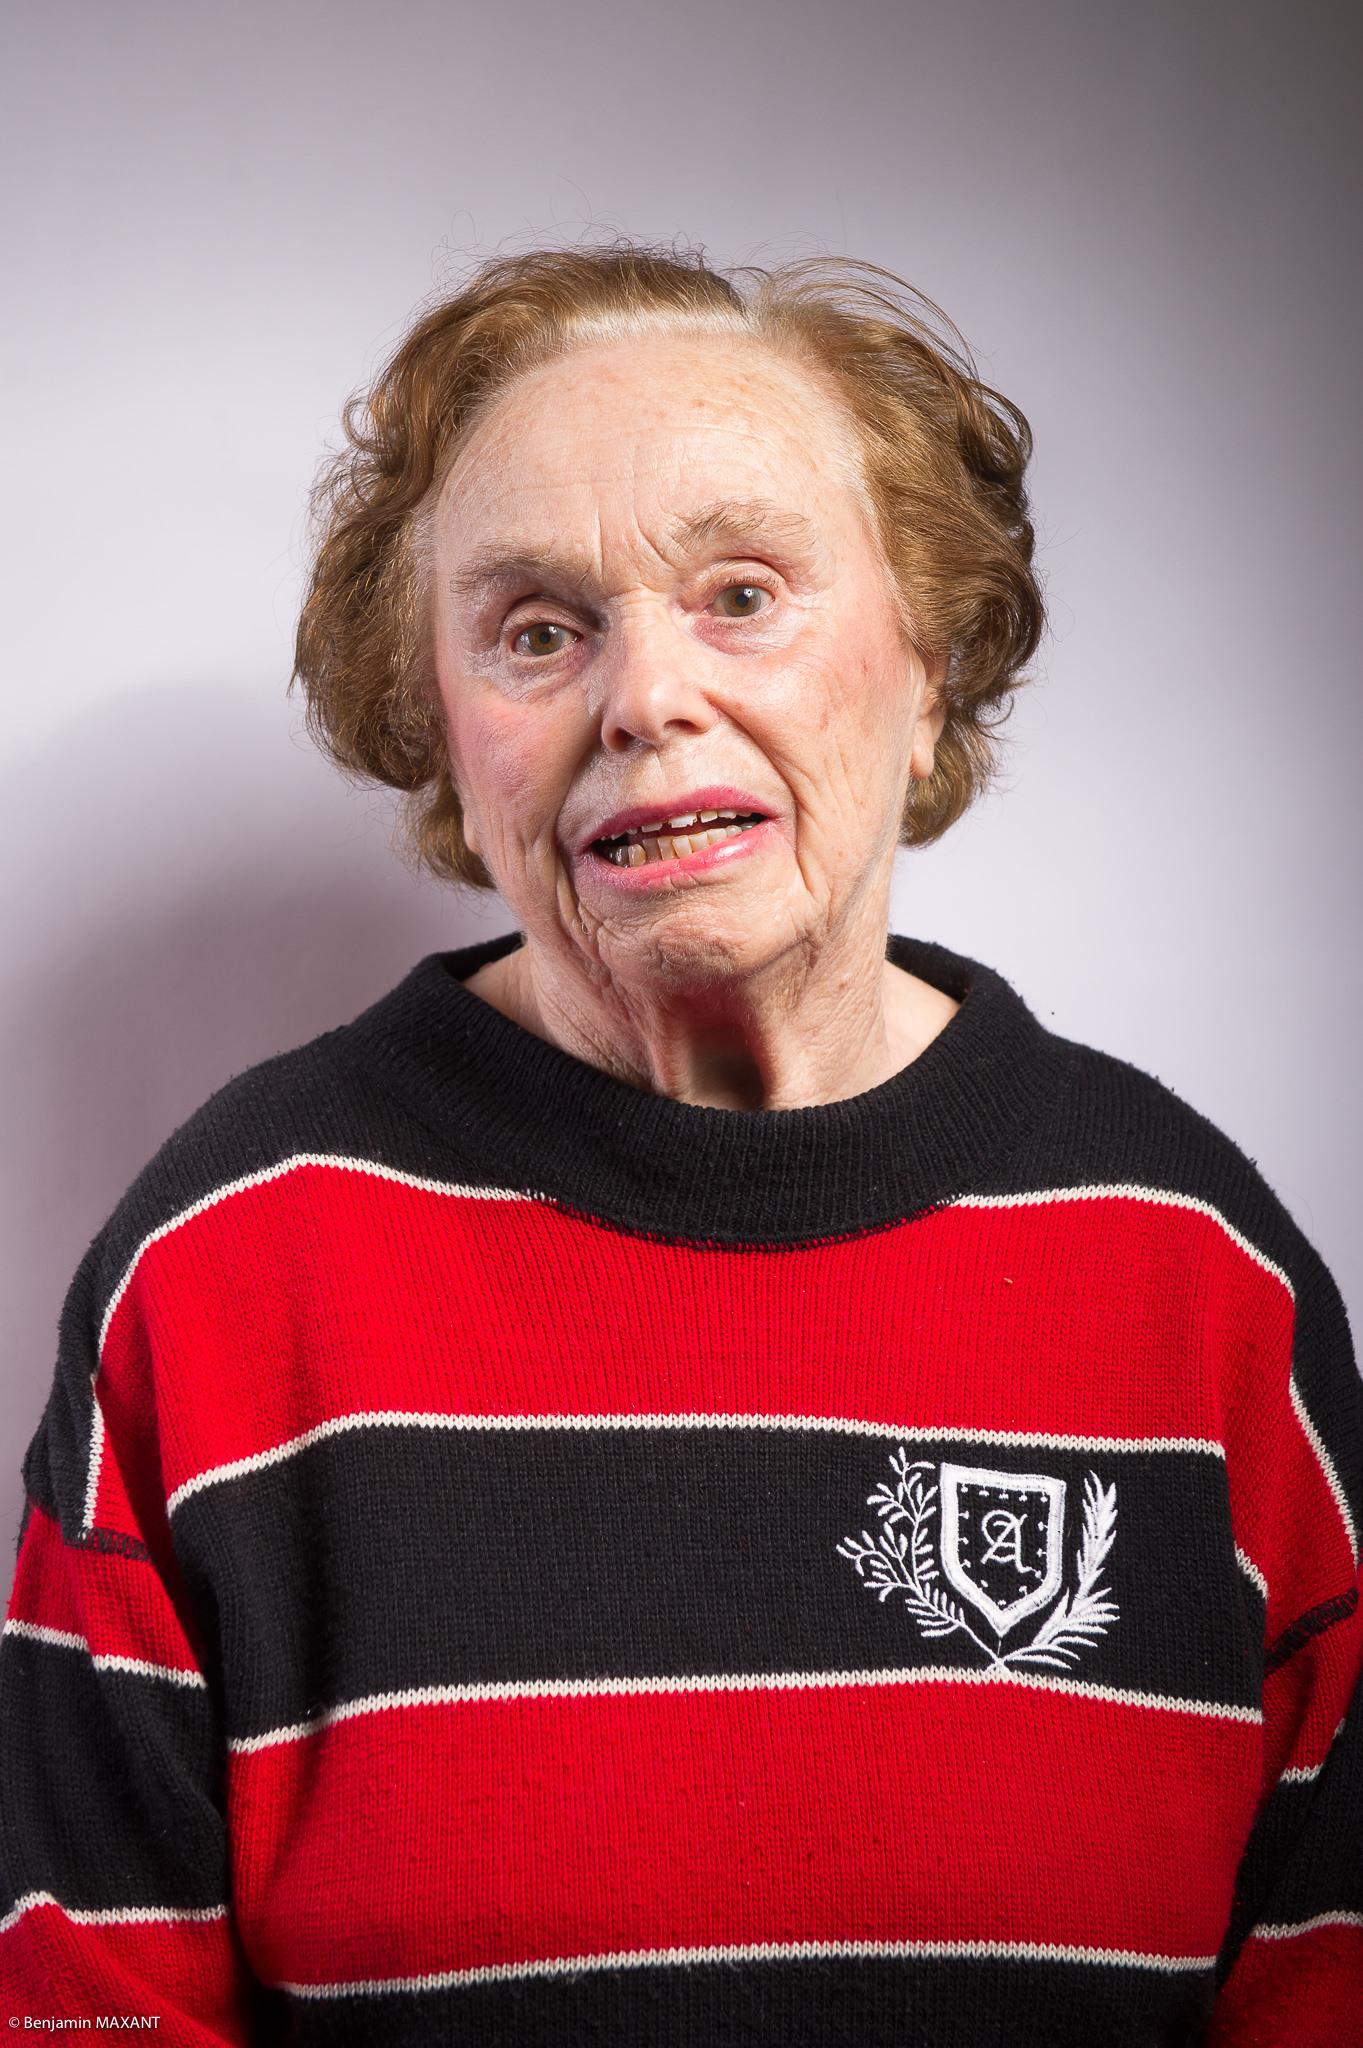 Portrait studio d'une personne âgée - femme pull rouge et noir